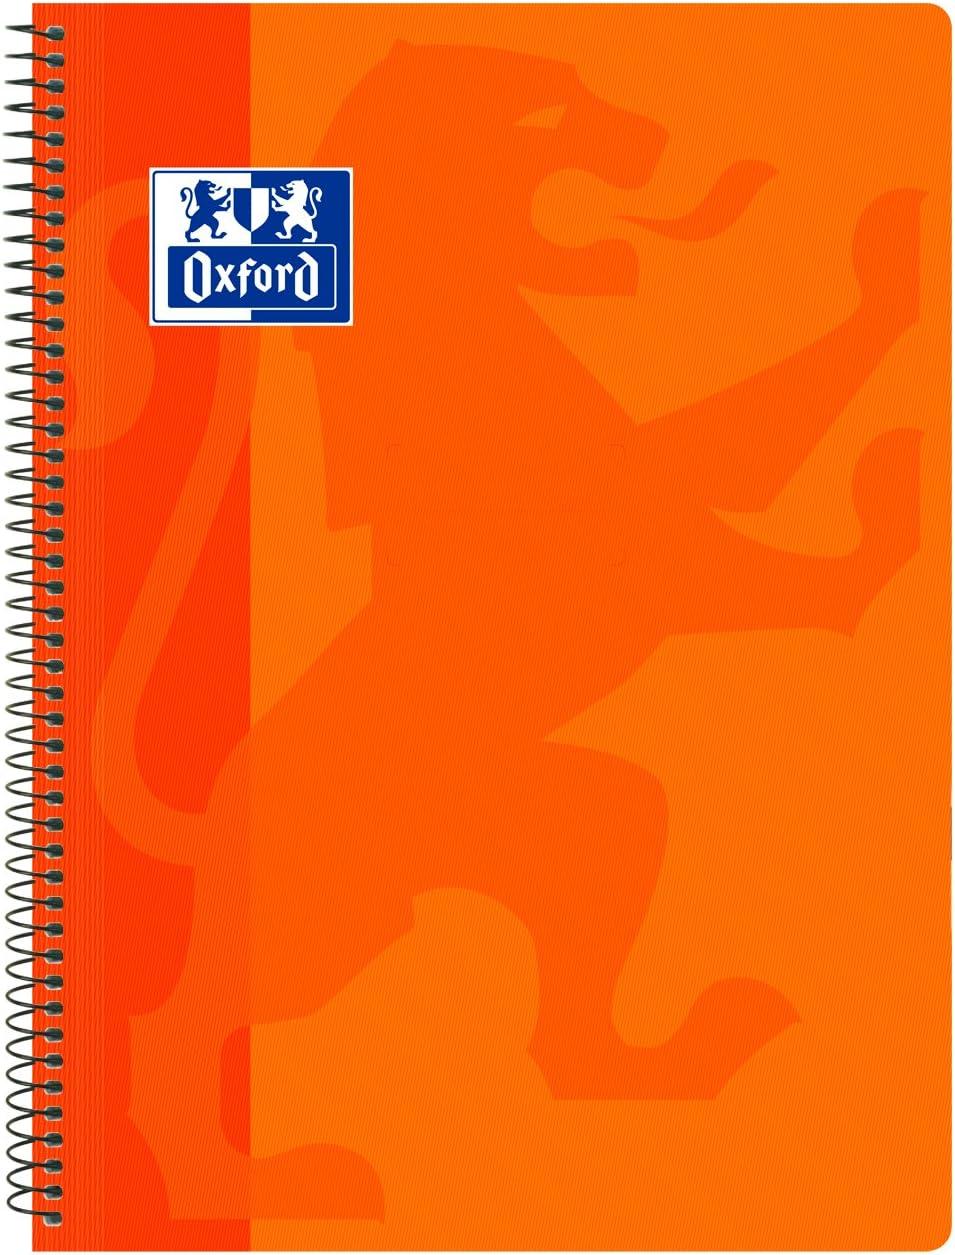 Oxford Classic - Cuaderno espiral, tapa plástico, cuadrícula 4x4, color naranja: Amazon.es: Oficina y papelería